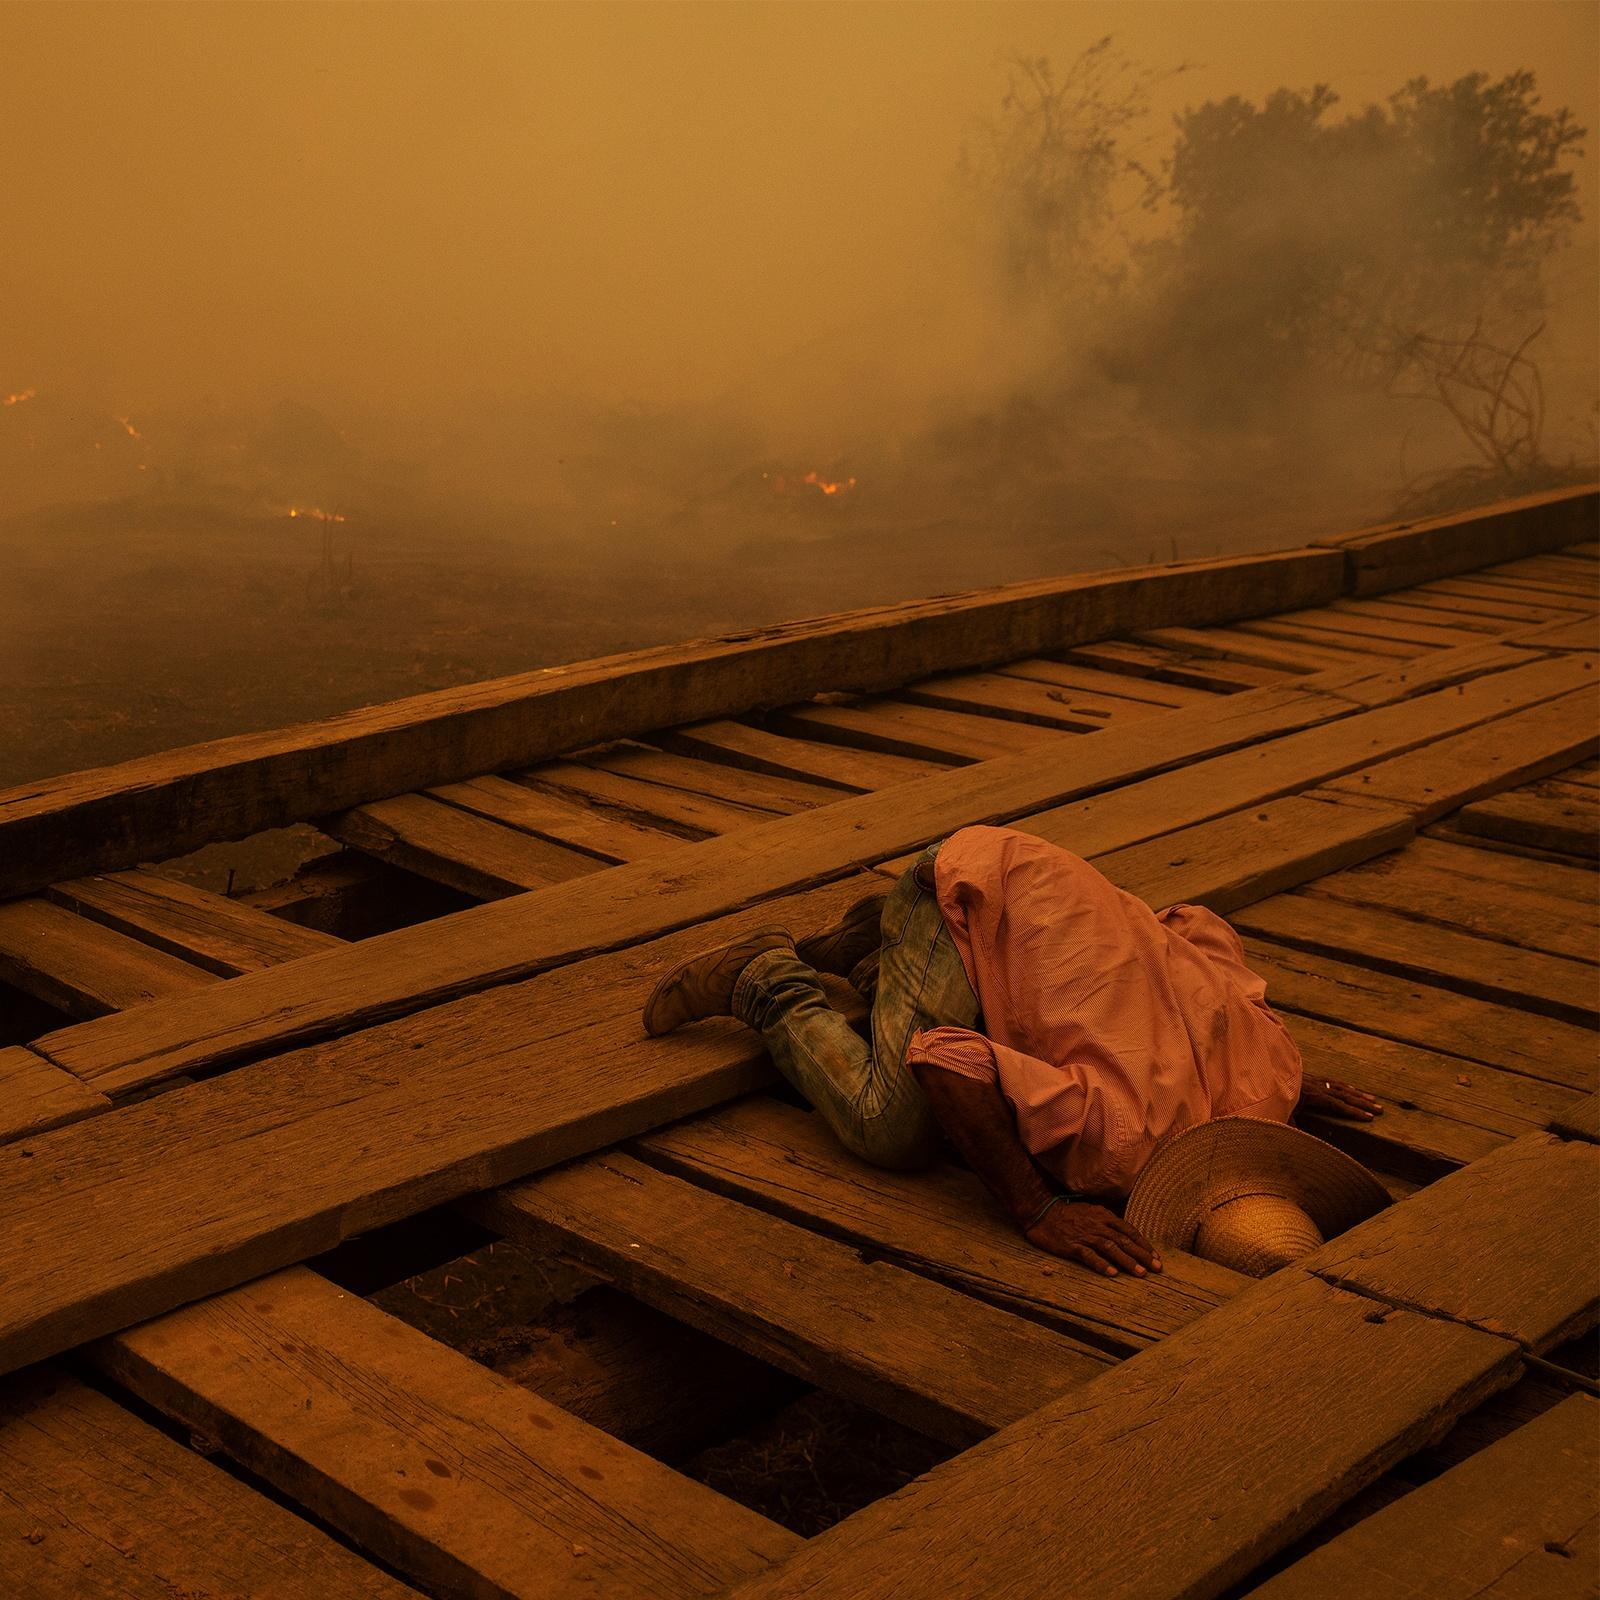 Descubra os fotógrafos de língua portuguesa premiados no World Press Photo 2021